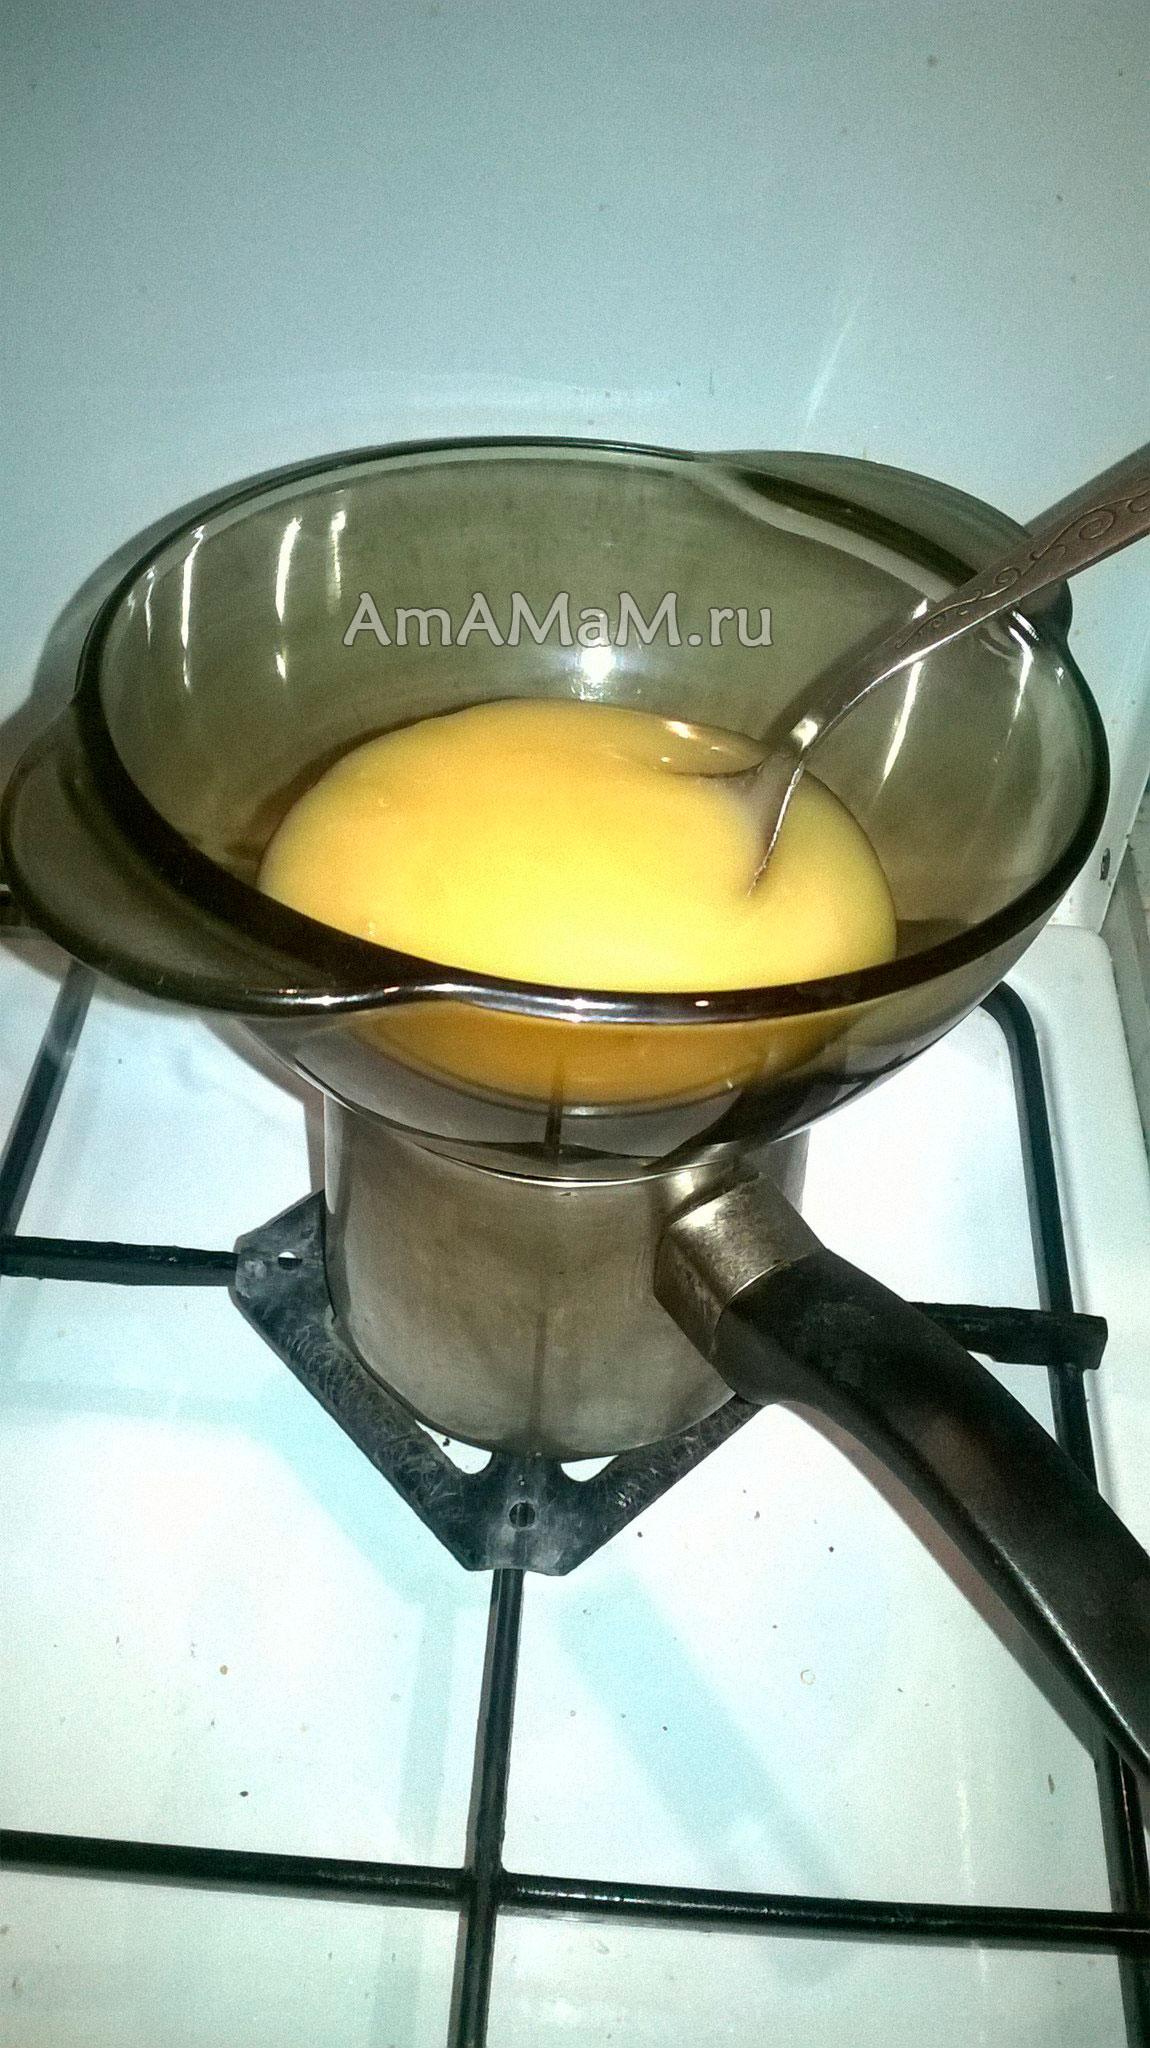 Как самостоятельно приготовить сироп из груш - 4 рецепта 79